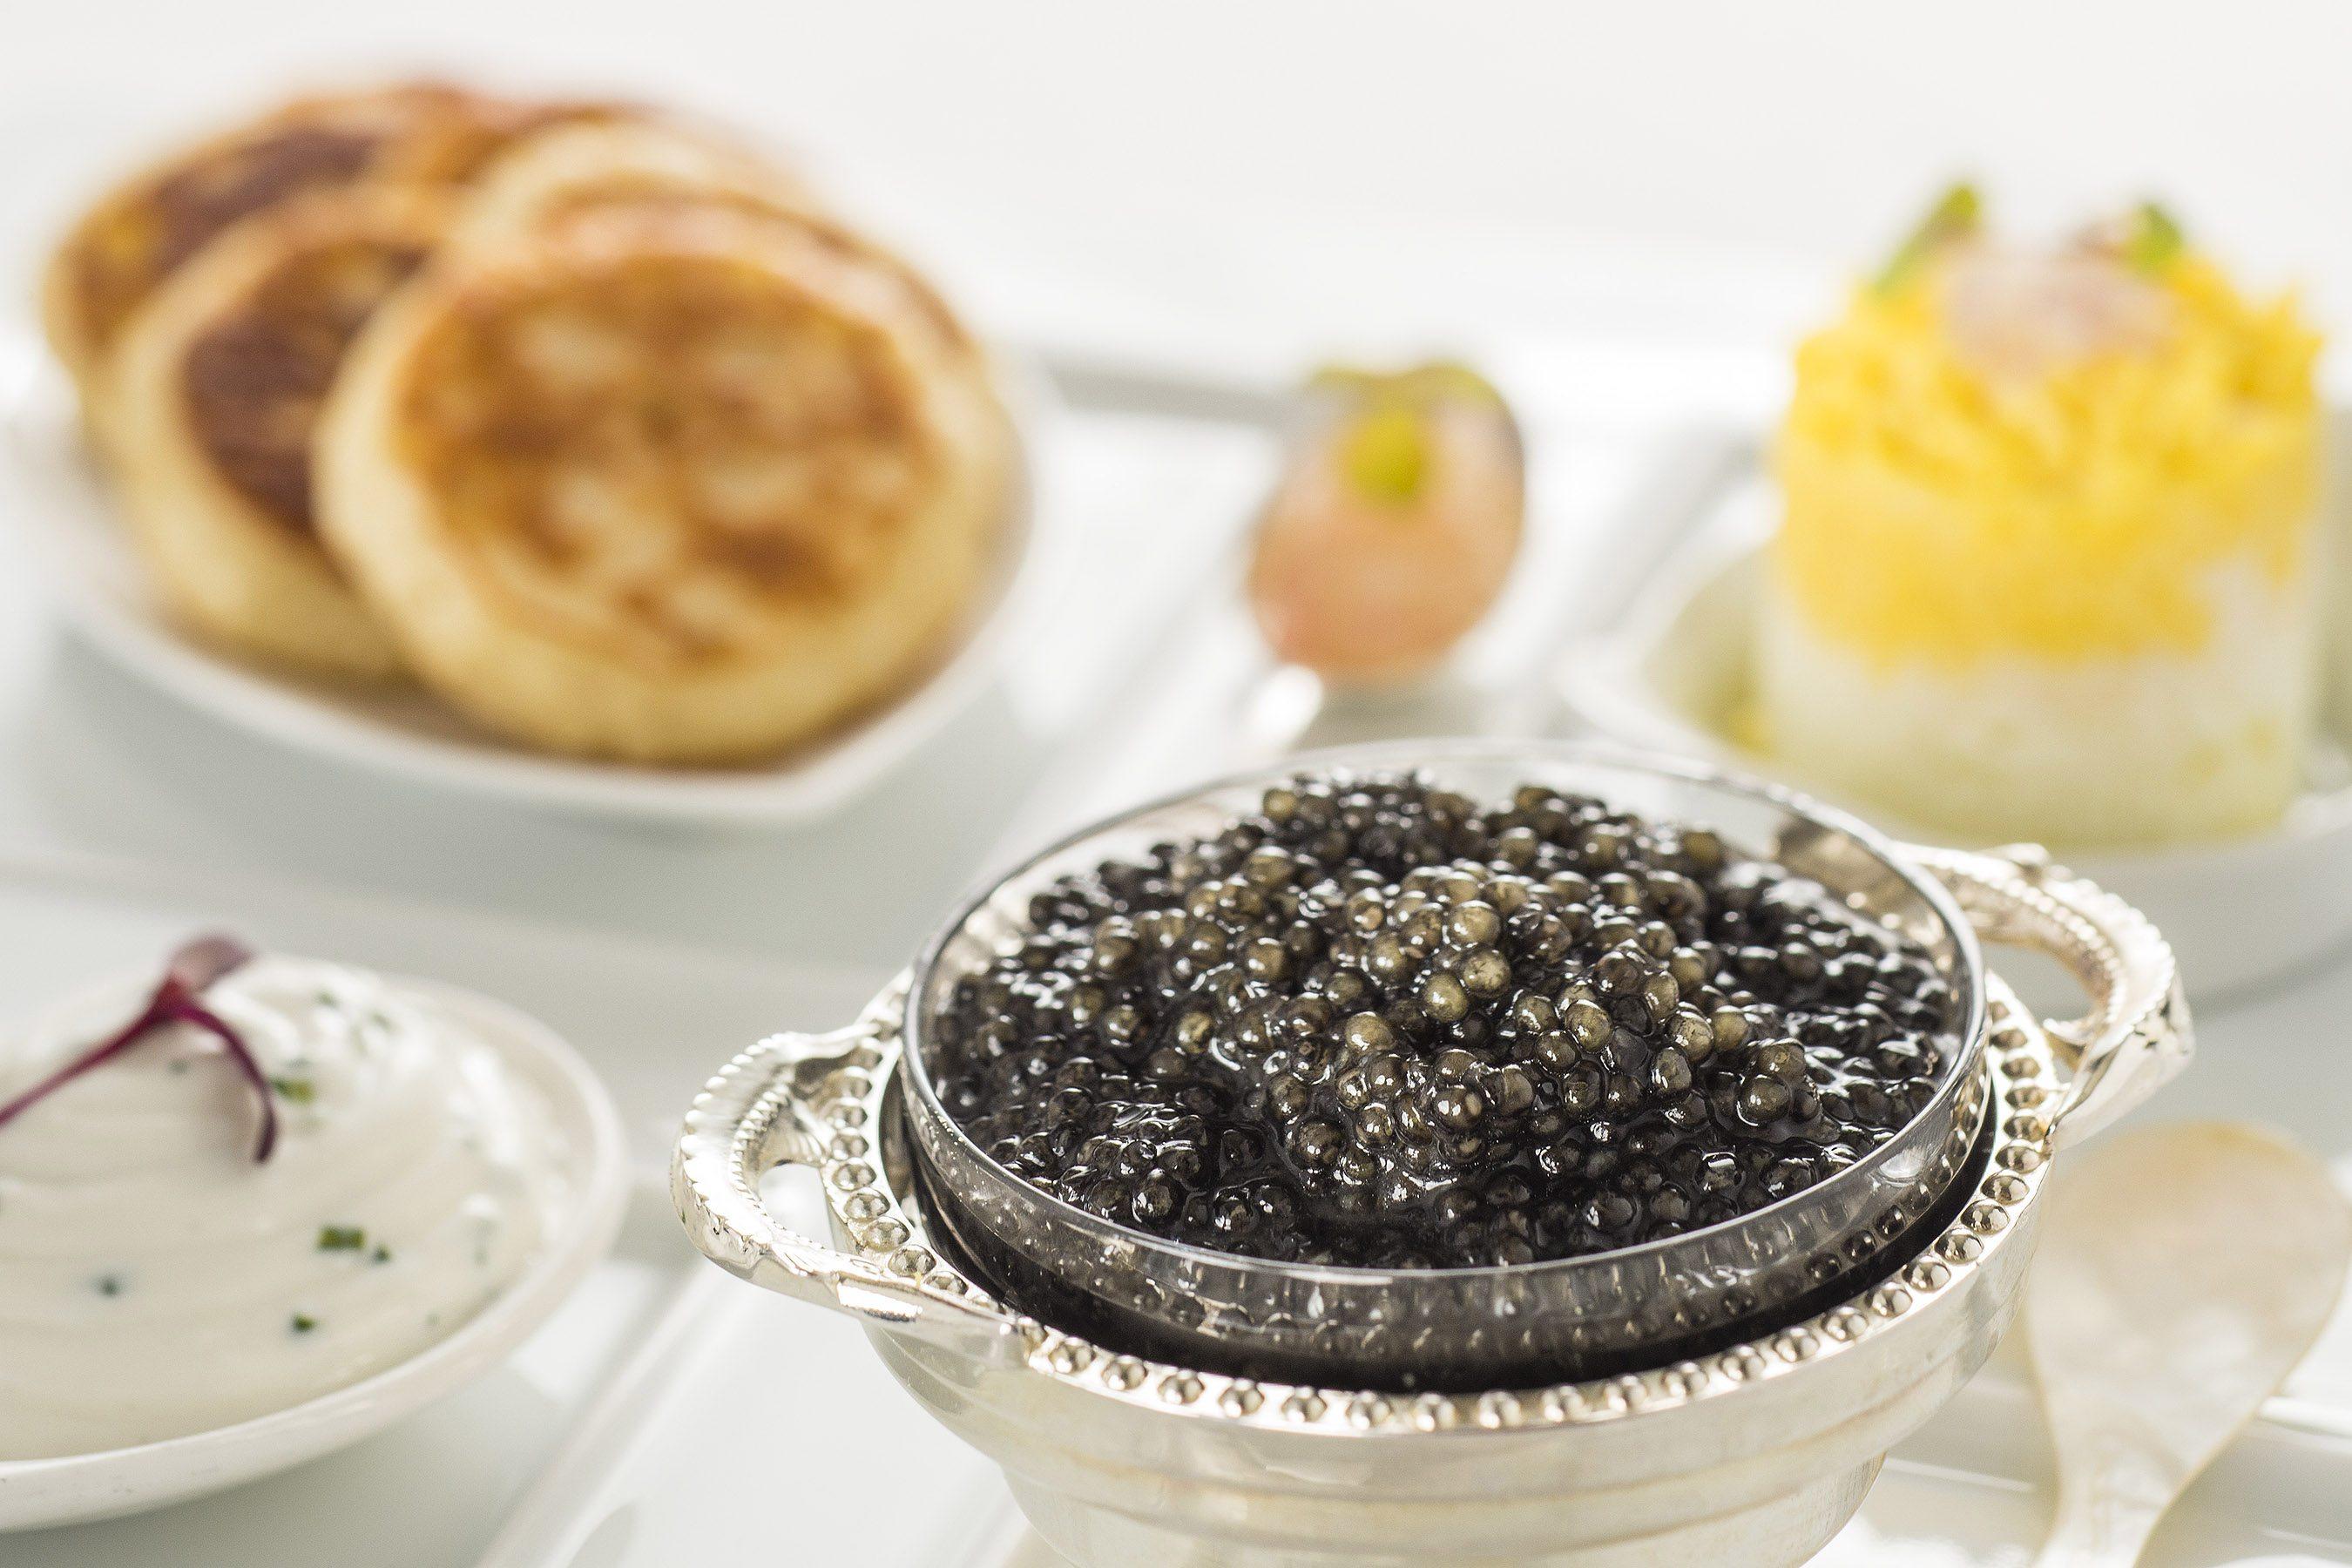 Opciones de caviar con variedades de granja de Osetra y Sevruga. Foto: Matt Stroshane.